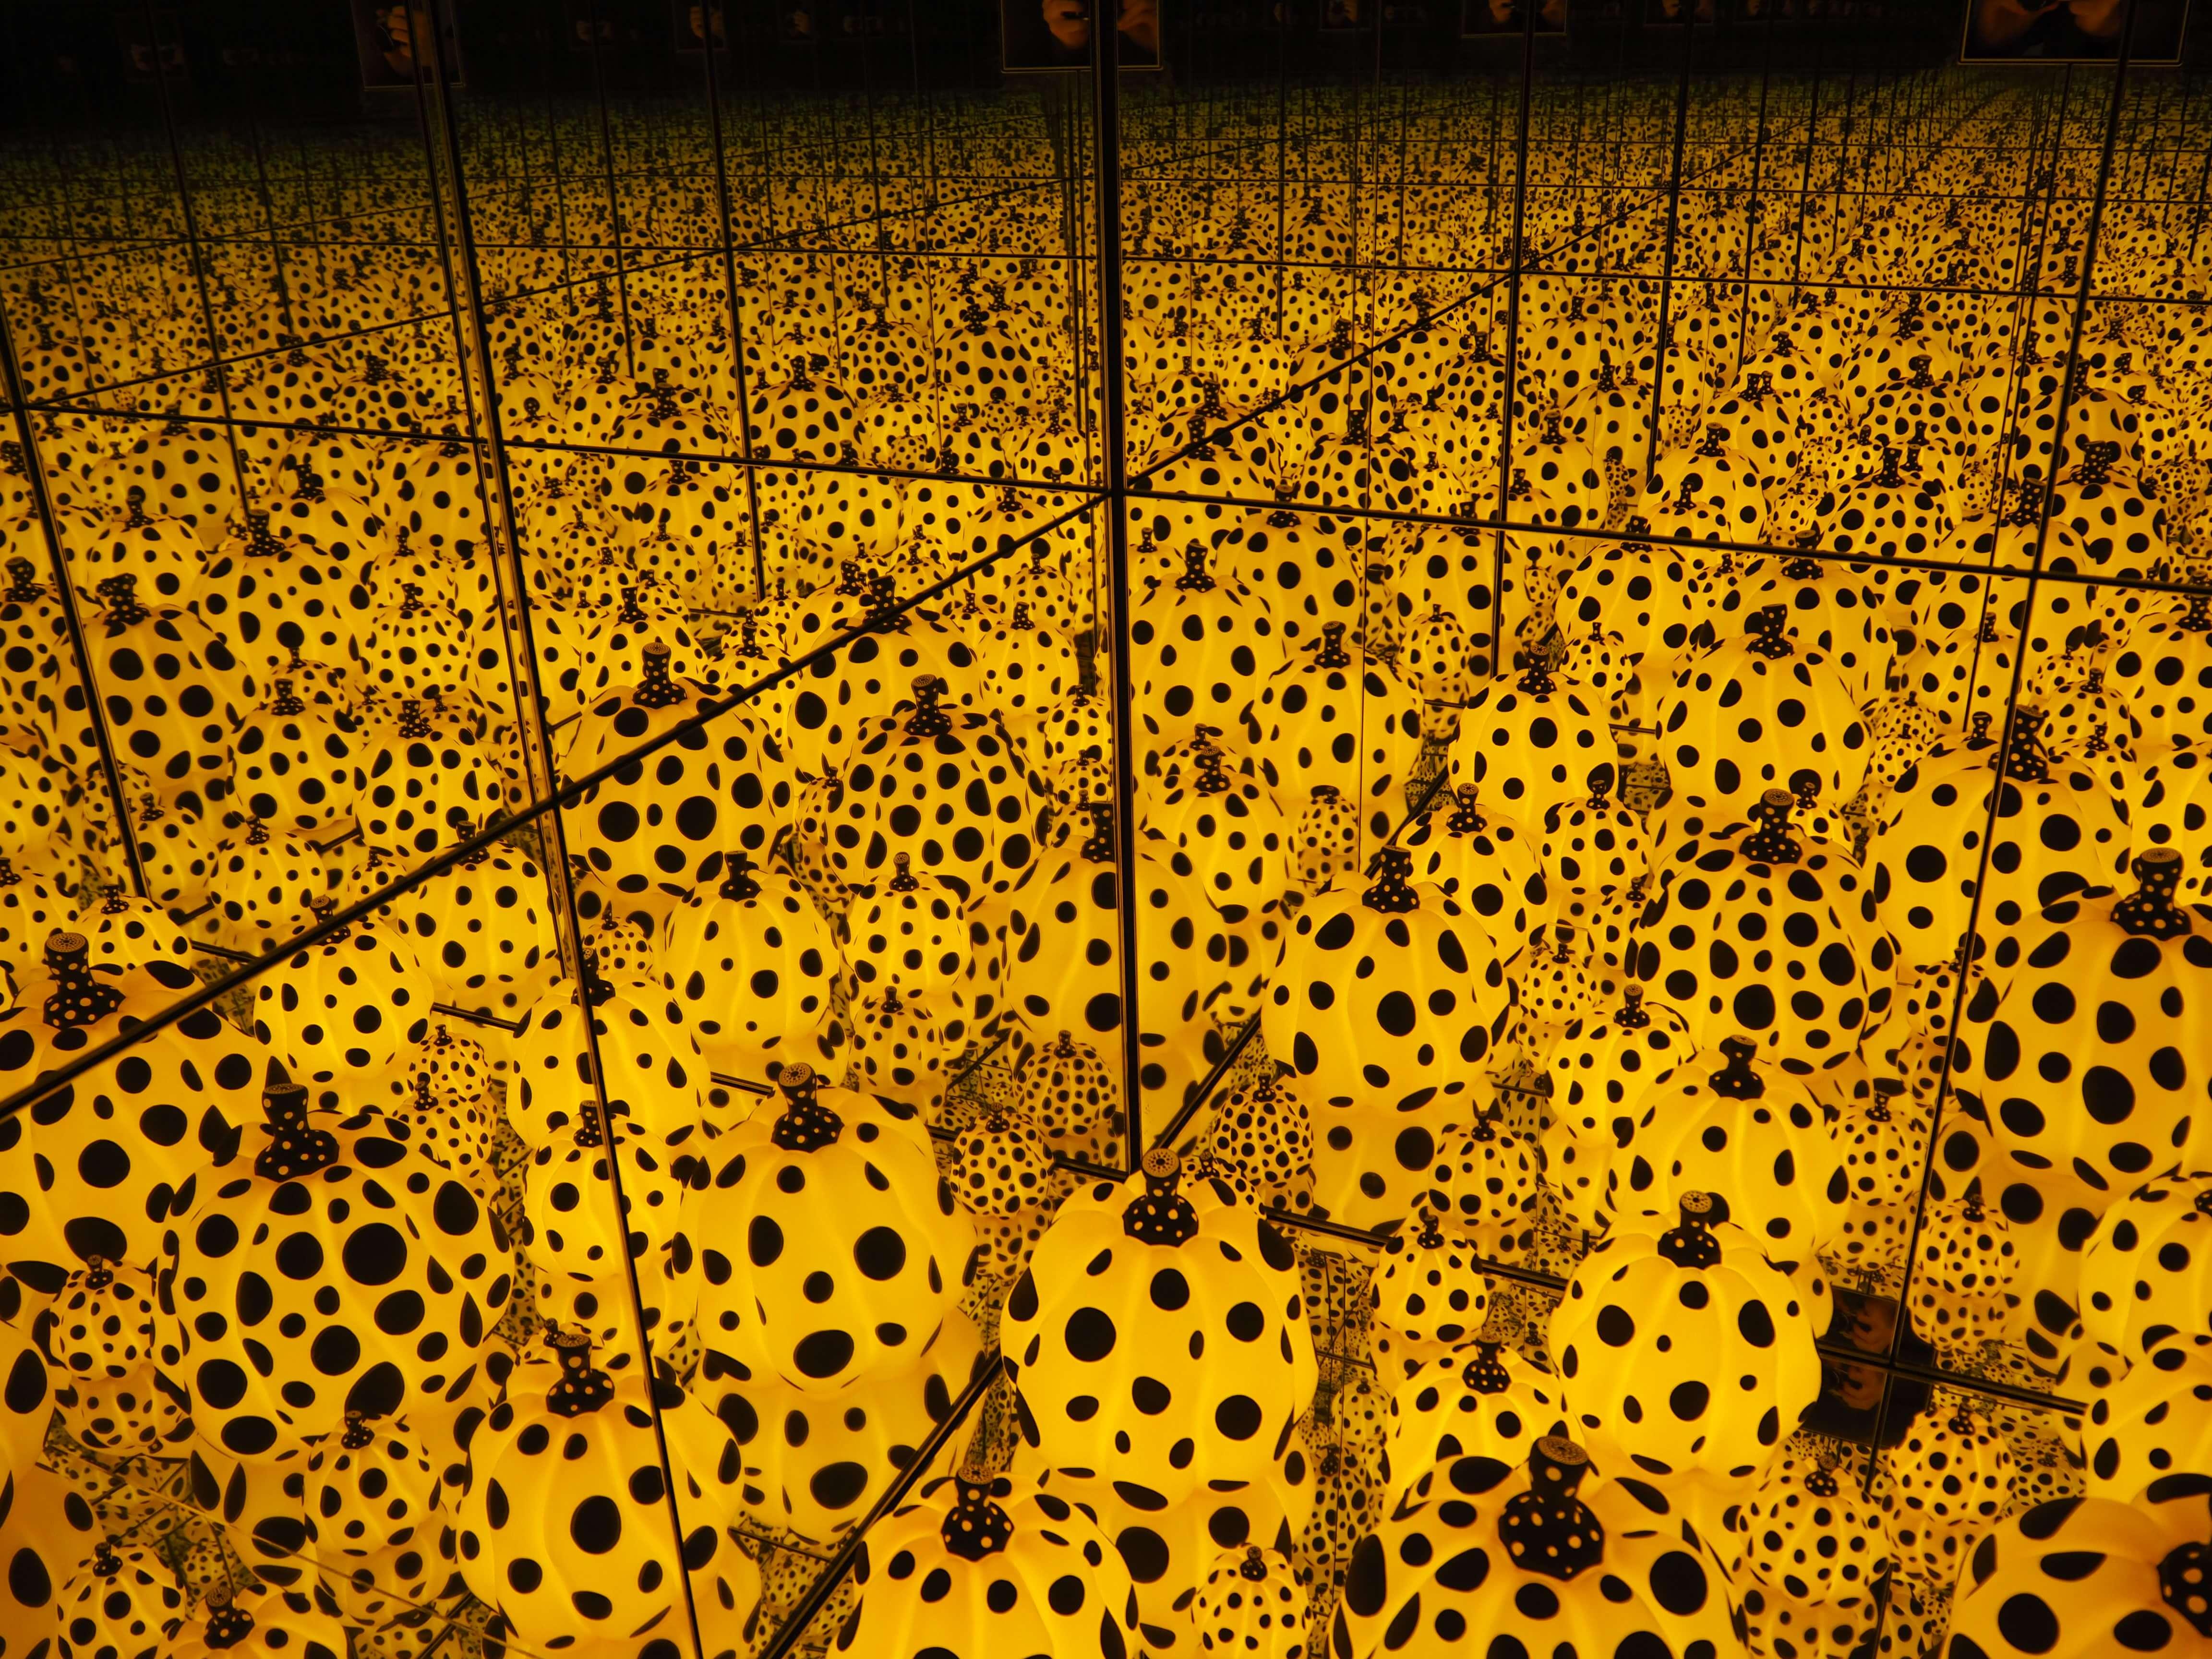 polka dot pumpkins yayoi kusama goma exhibition 2